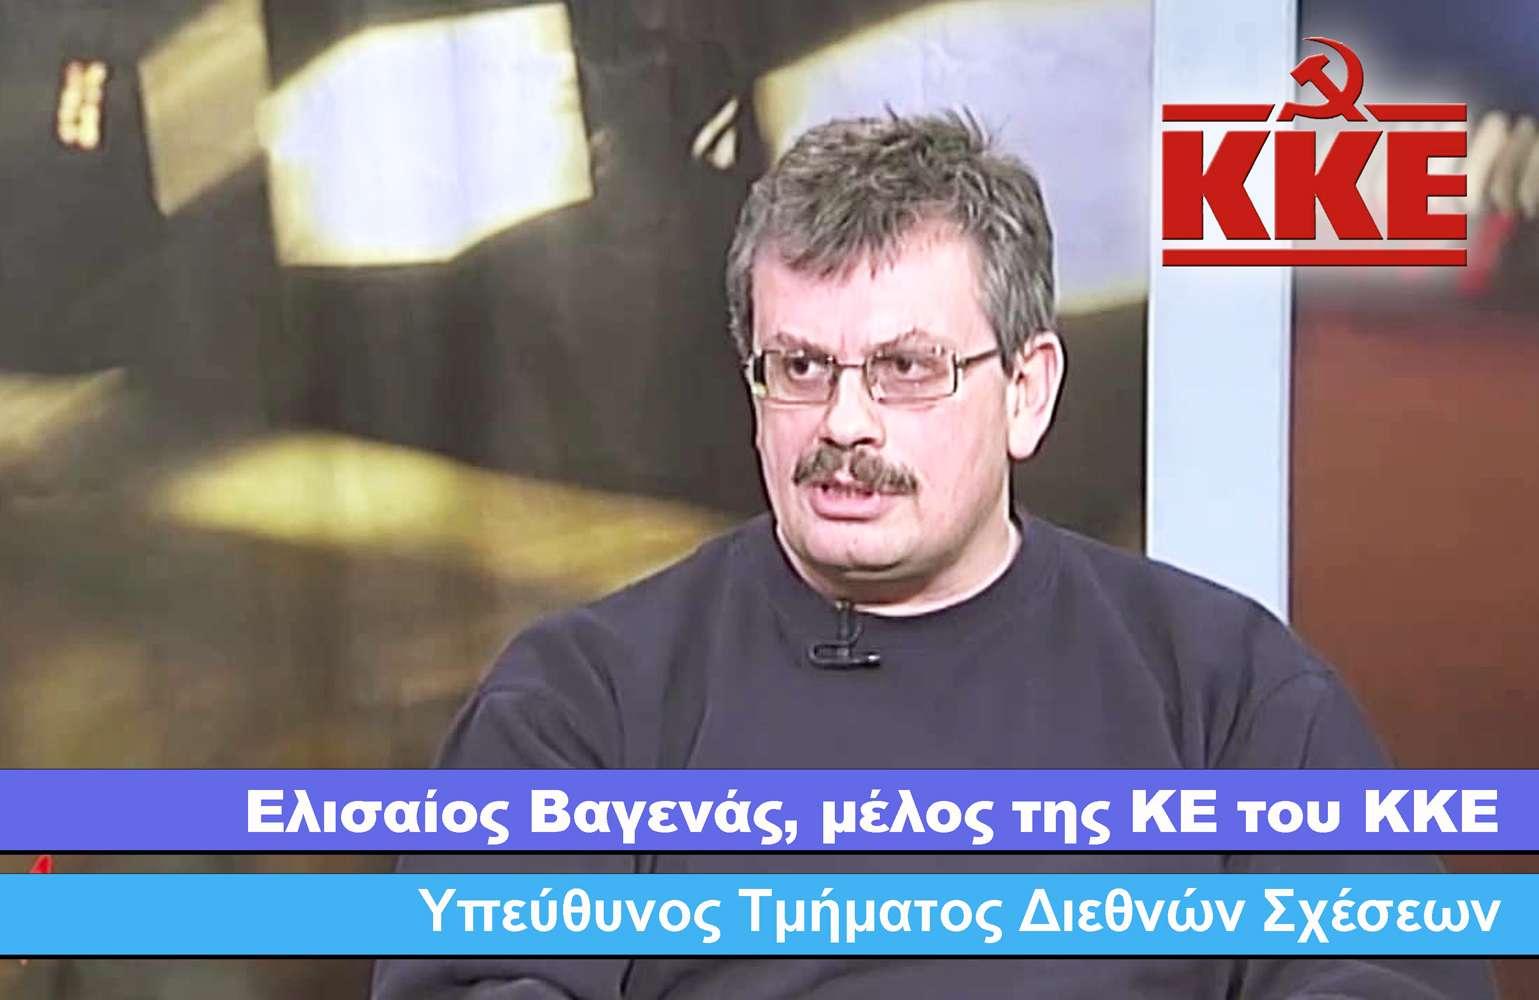 Ελισαίος Βαγενάς ΚΚΕ